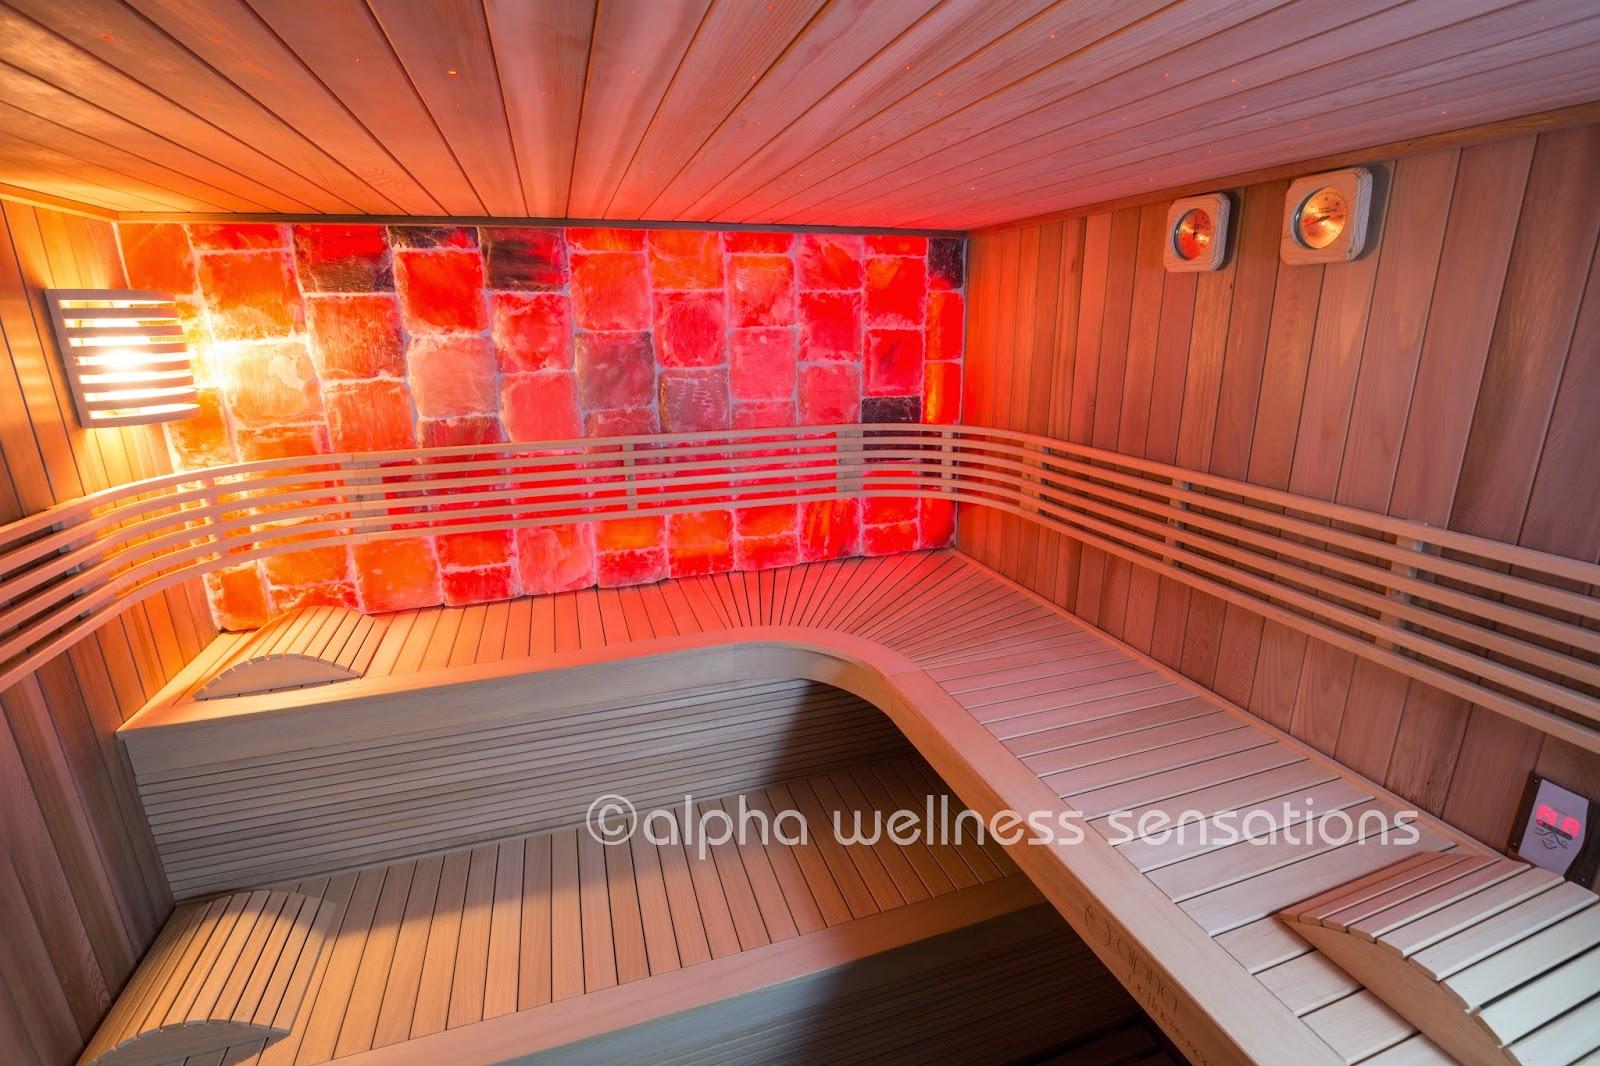 ESCLT10 -Equa - Sauna - Chaleur de Luxe - tower - salt